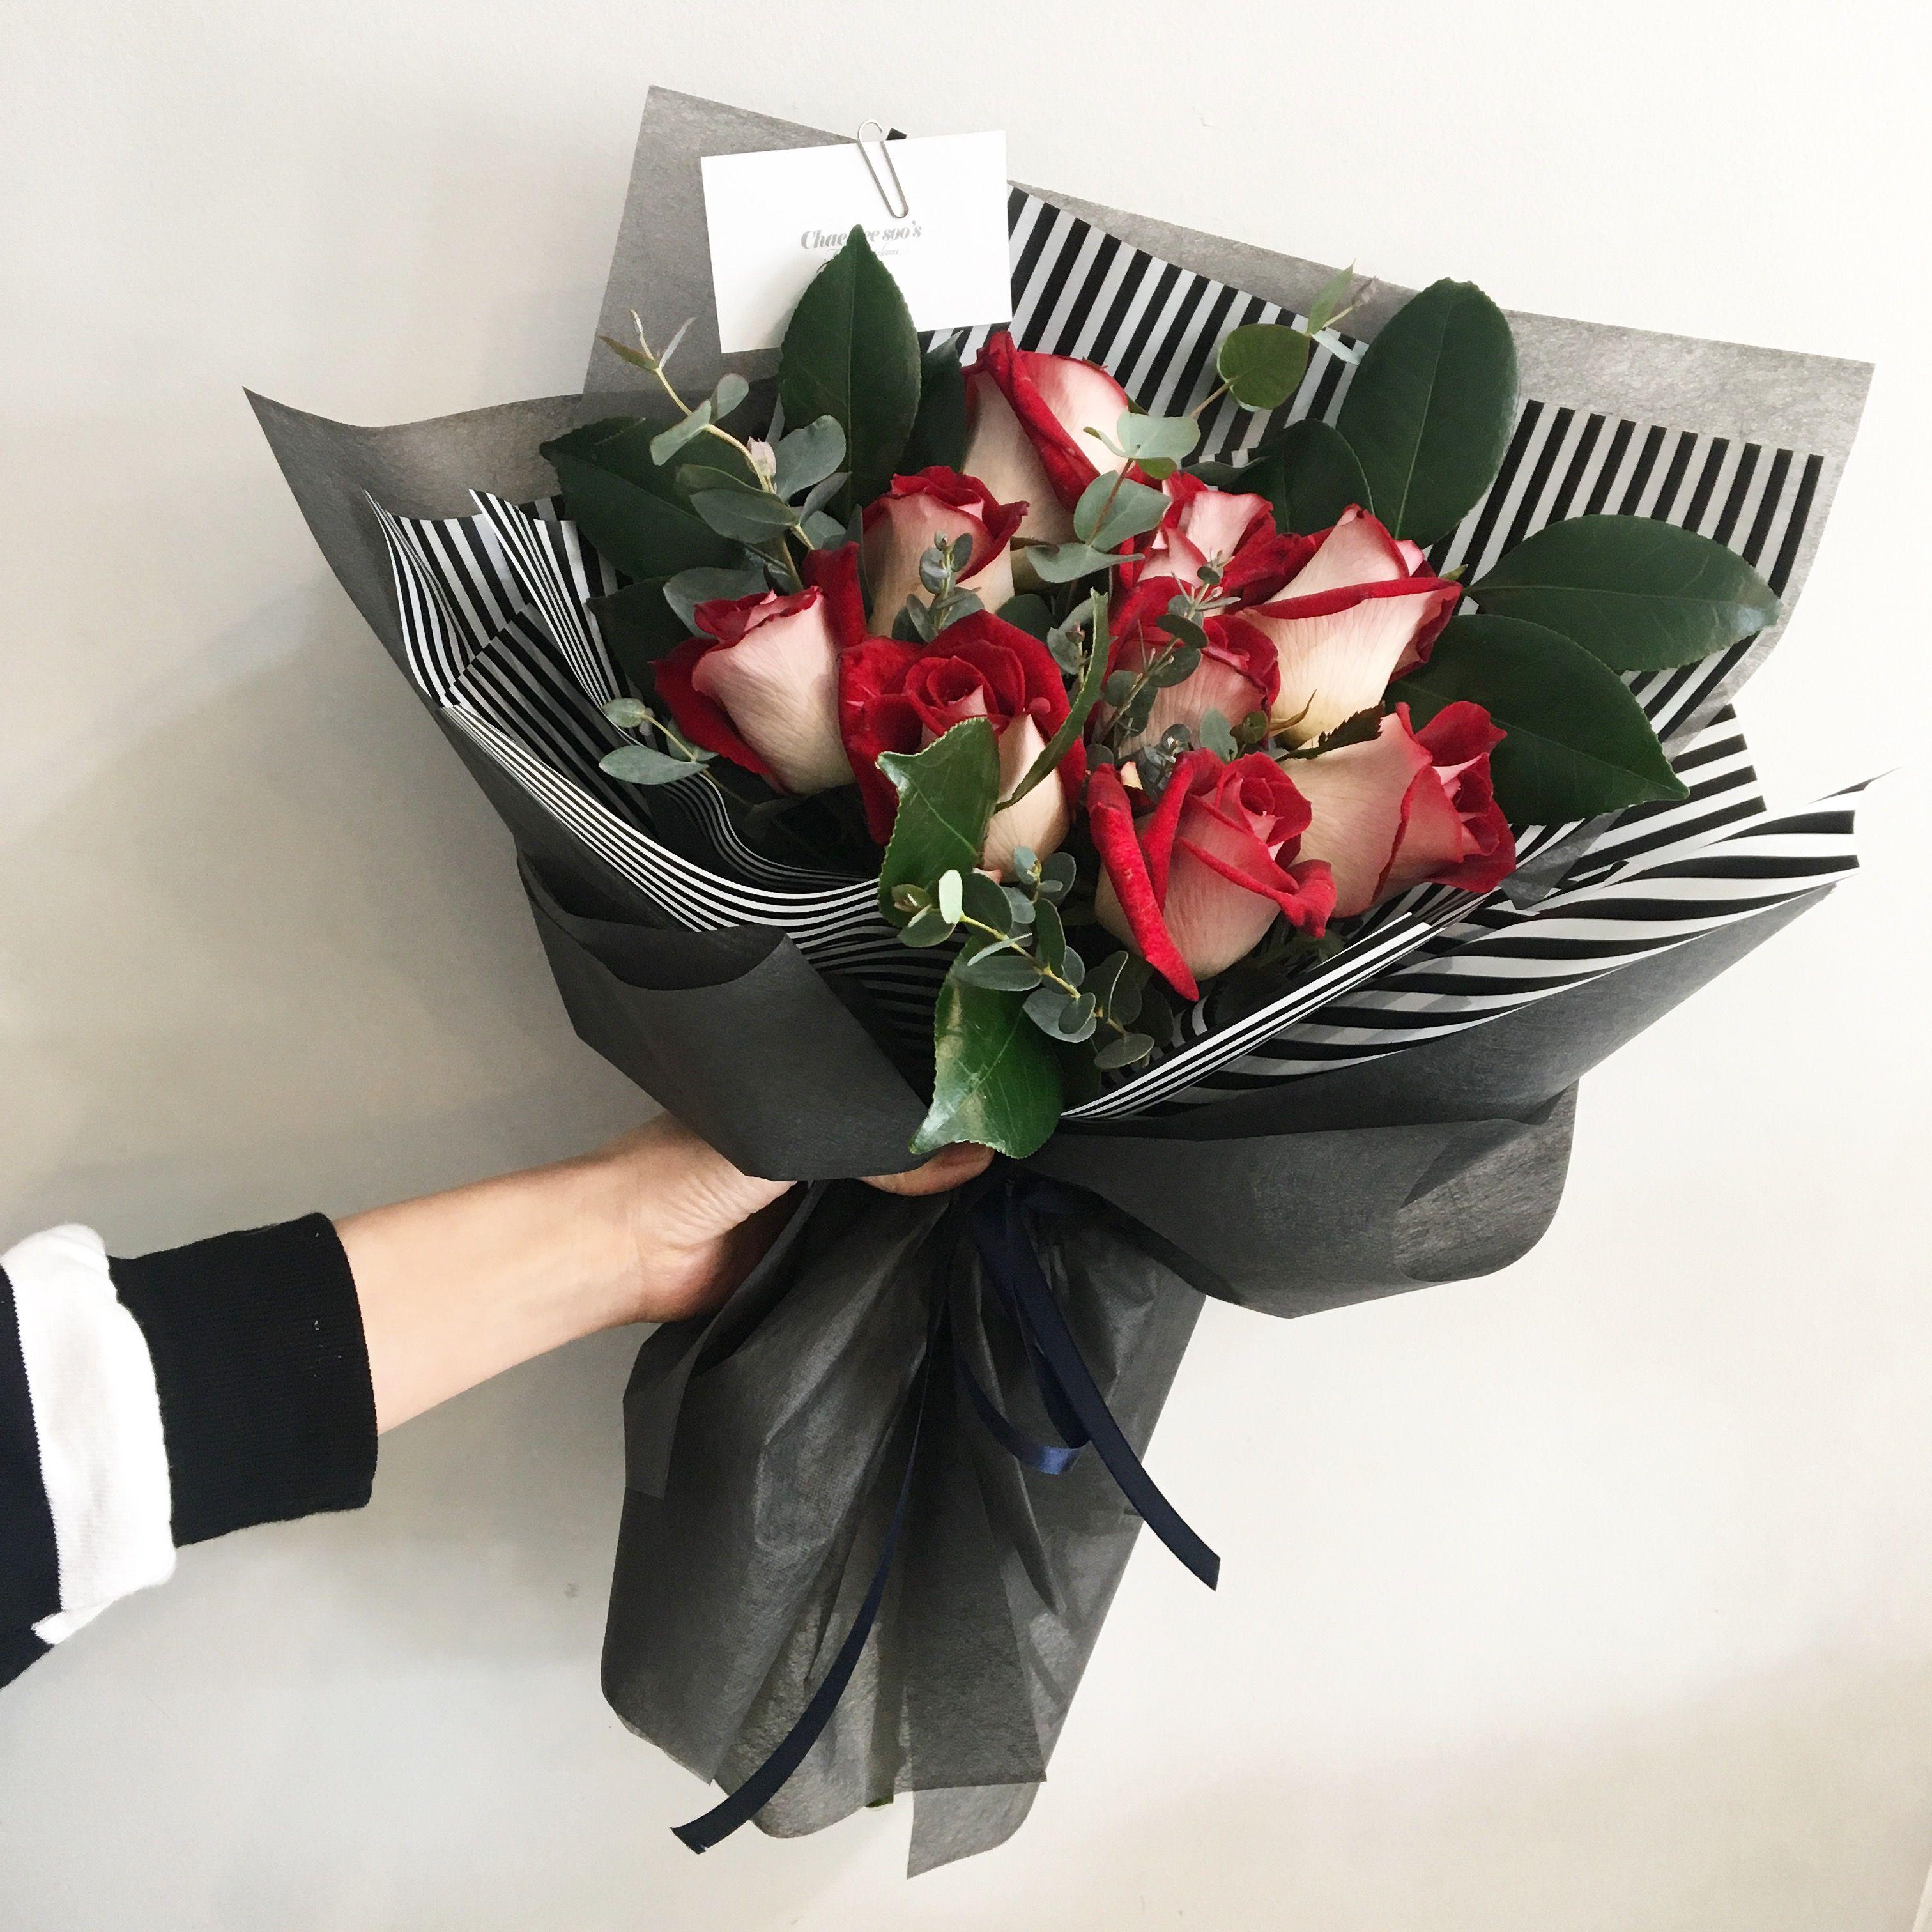 Как оформить красиво букет цветов, цветы оптом